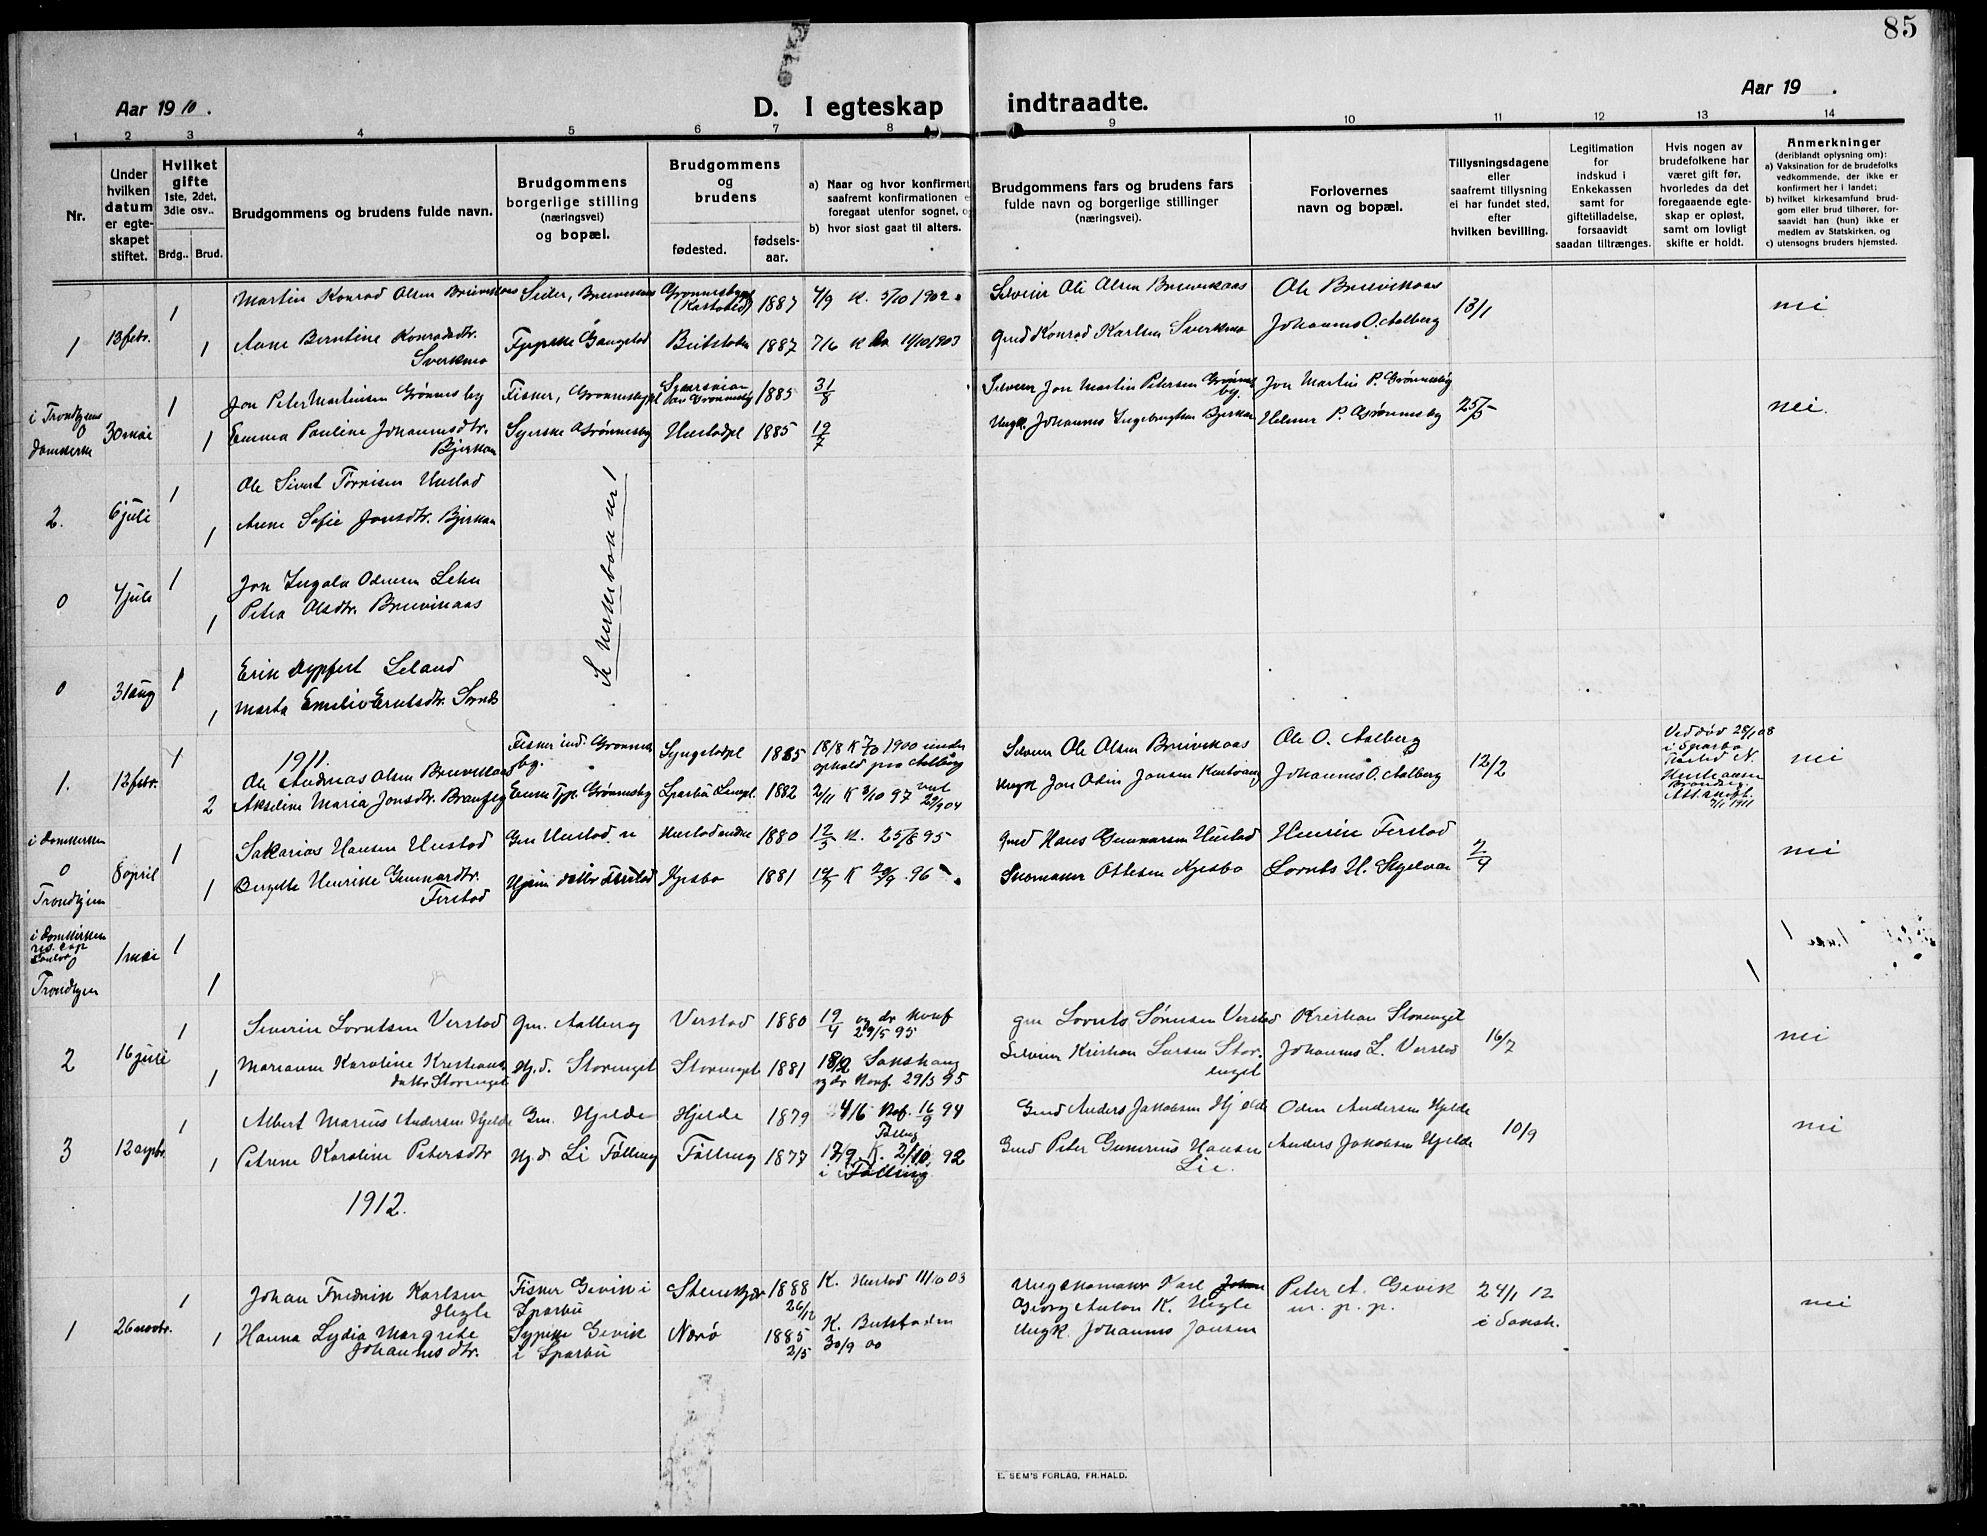 SAT, Ministerialprotokoller, klokkerbøker og fødselsregistre - Nord-Trøndelag, 732/L0319: Klokkerbok nr. 732C03, 1911-1945, s. 85